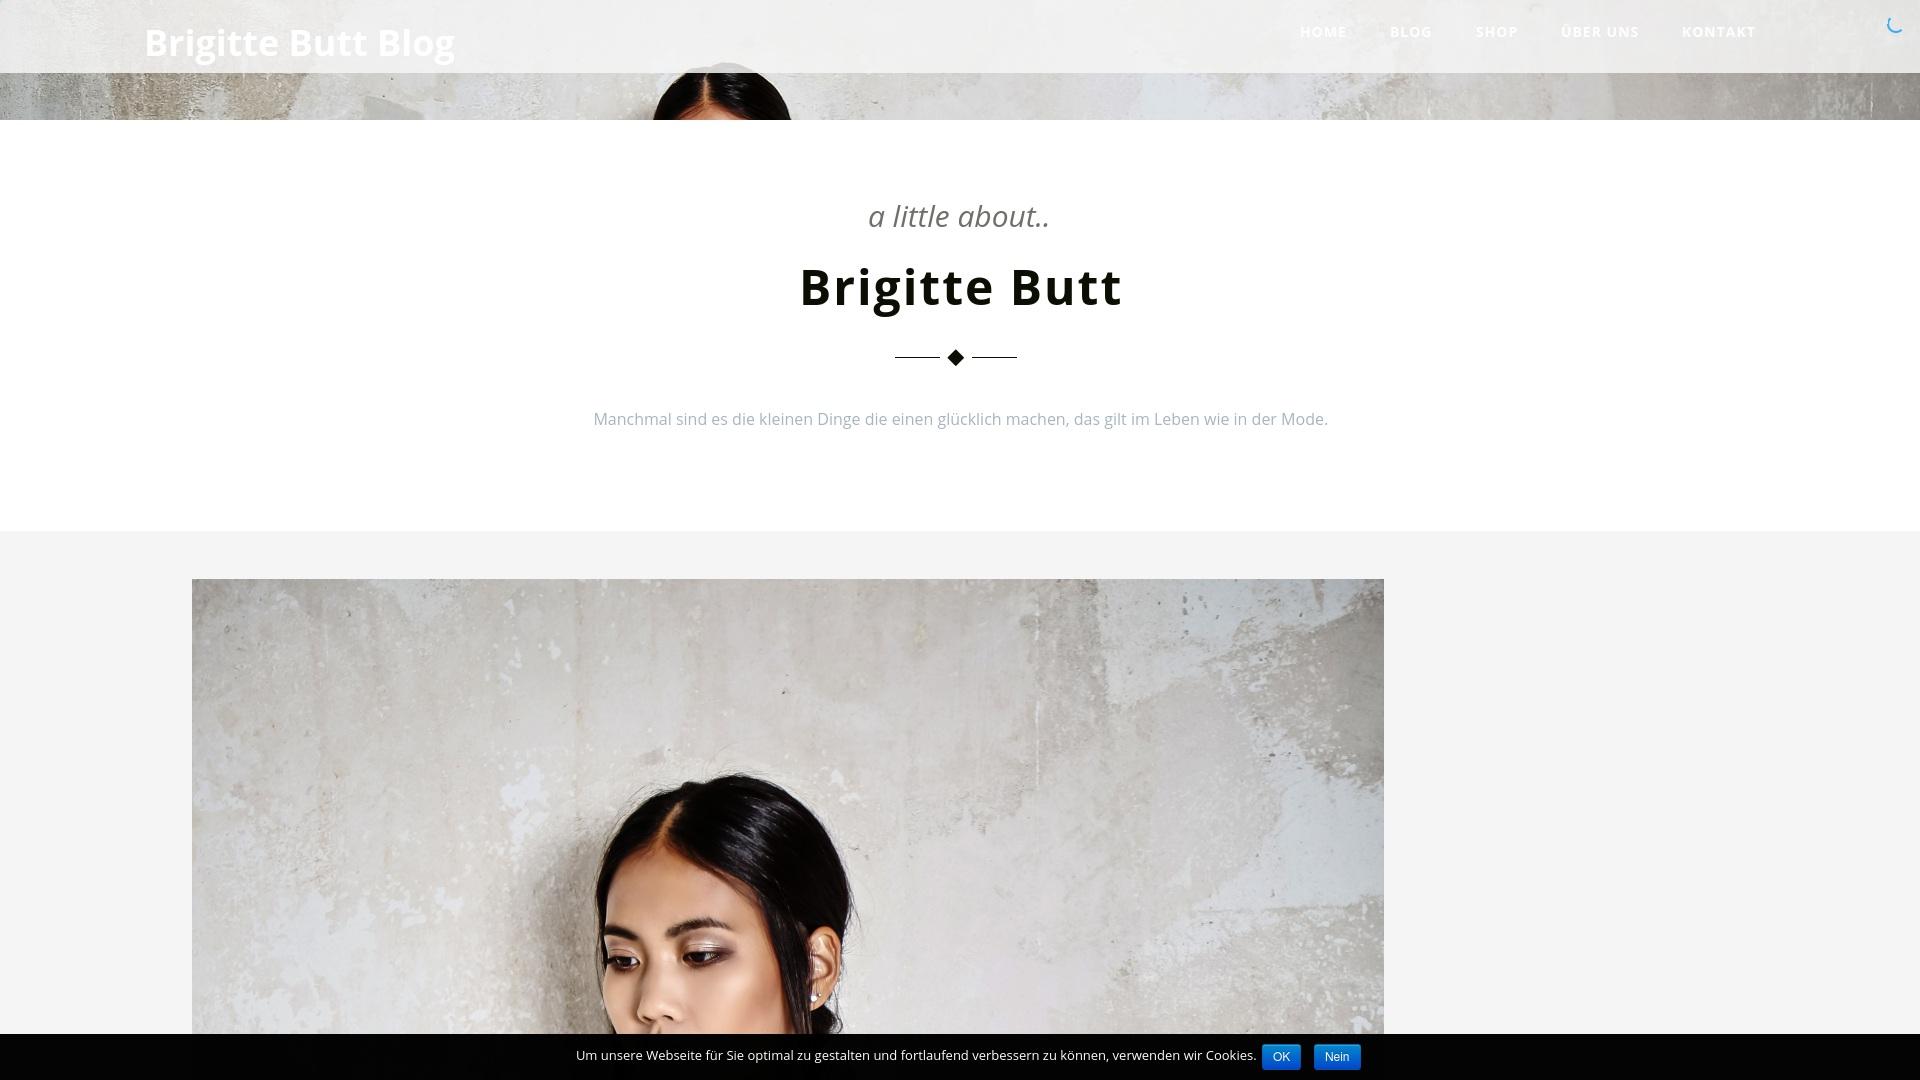 Gutschein für Brigittebutt: Rabatte für  Brigittebutt sichern